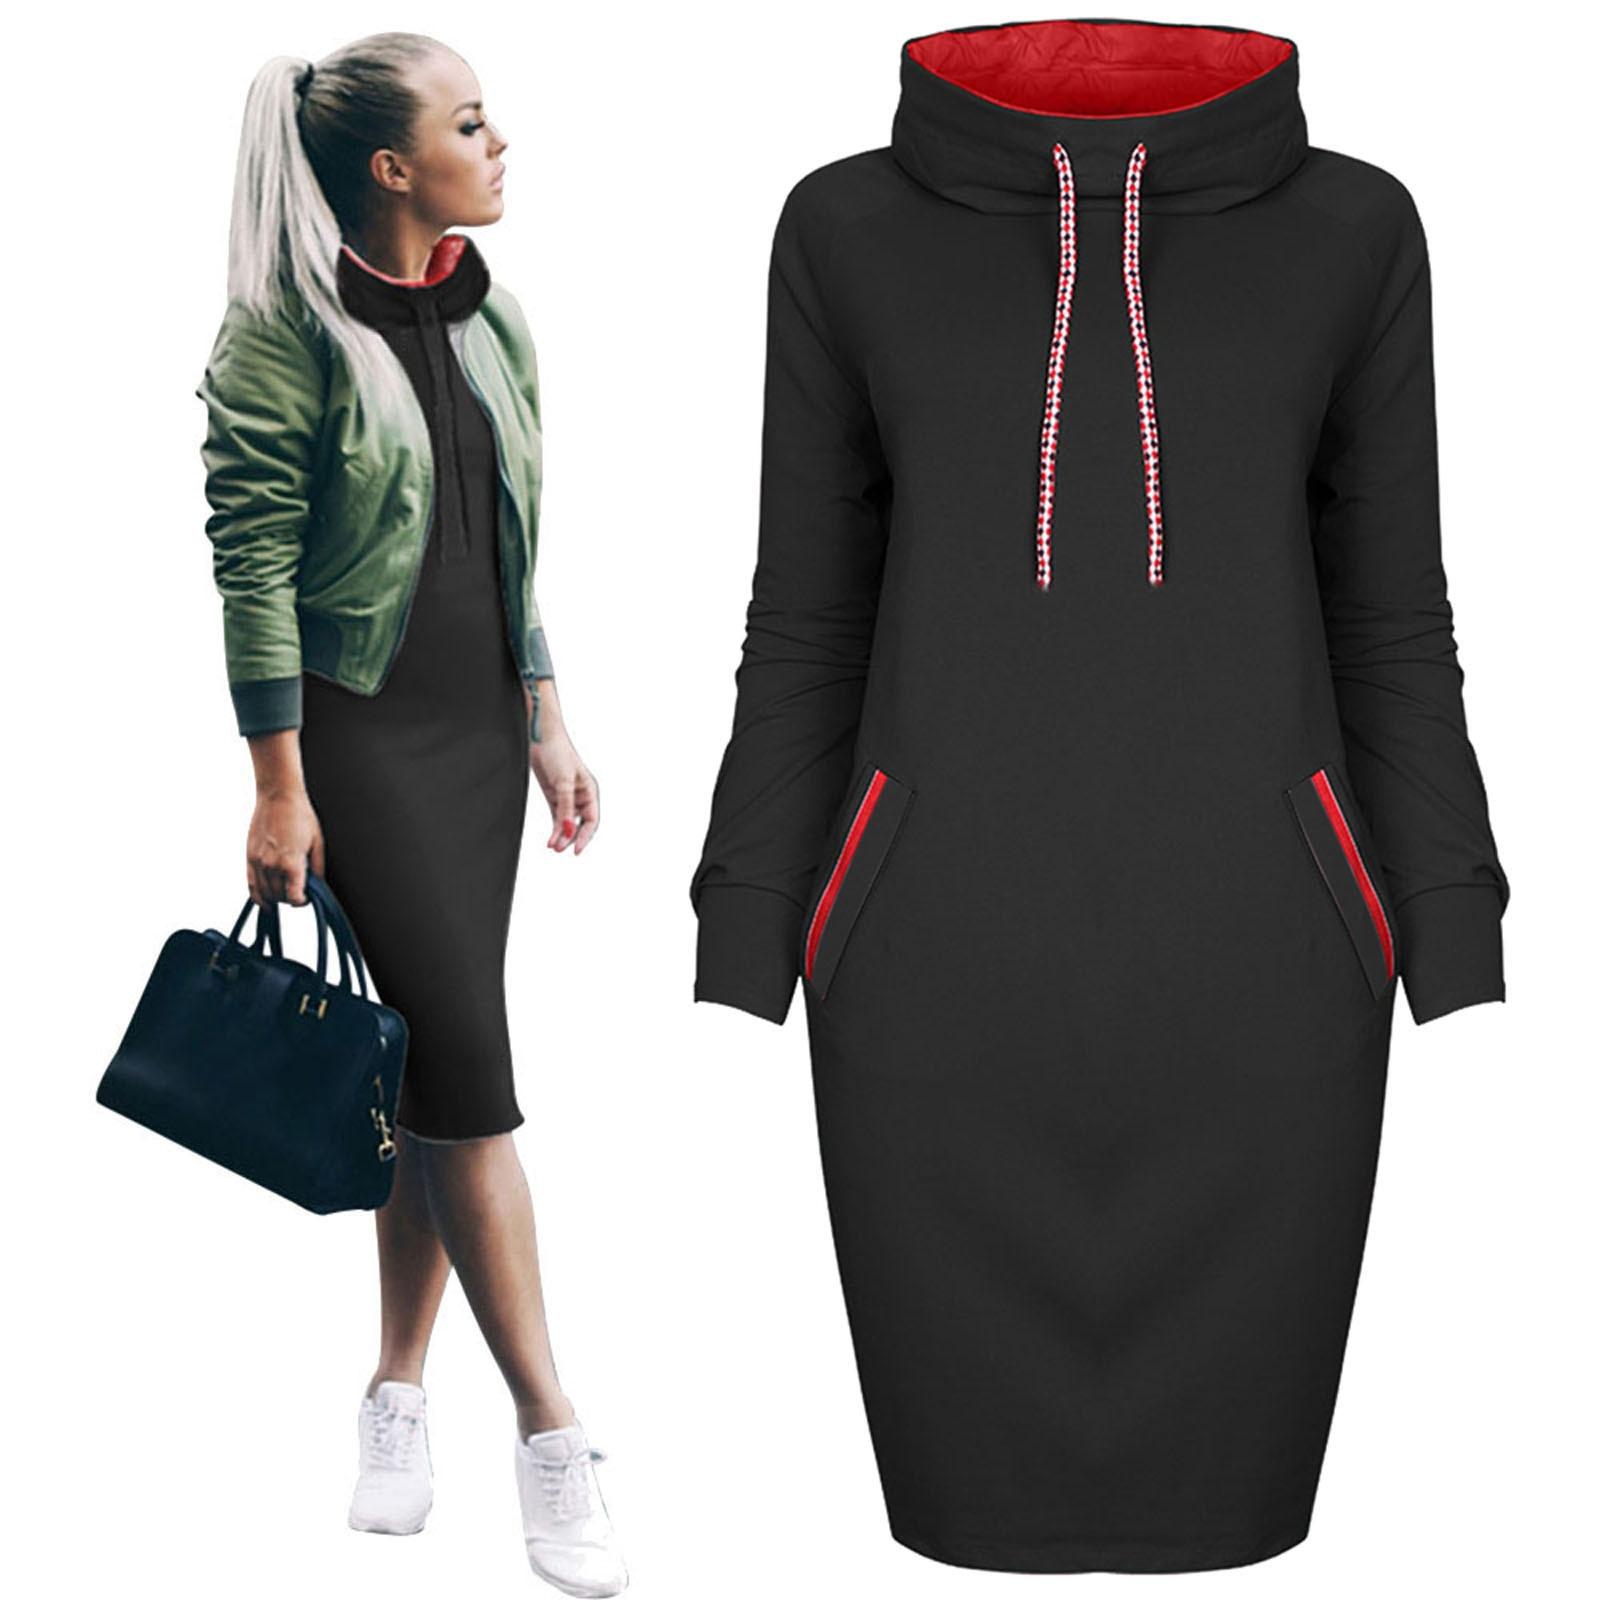 Женское осеннее теплое платье с капюшоном, повседневное зимнее платье-рубашка, женское облегающее платье-свитшот с длинным рукавом, вечерние платья, Прямая поставка, 2021